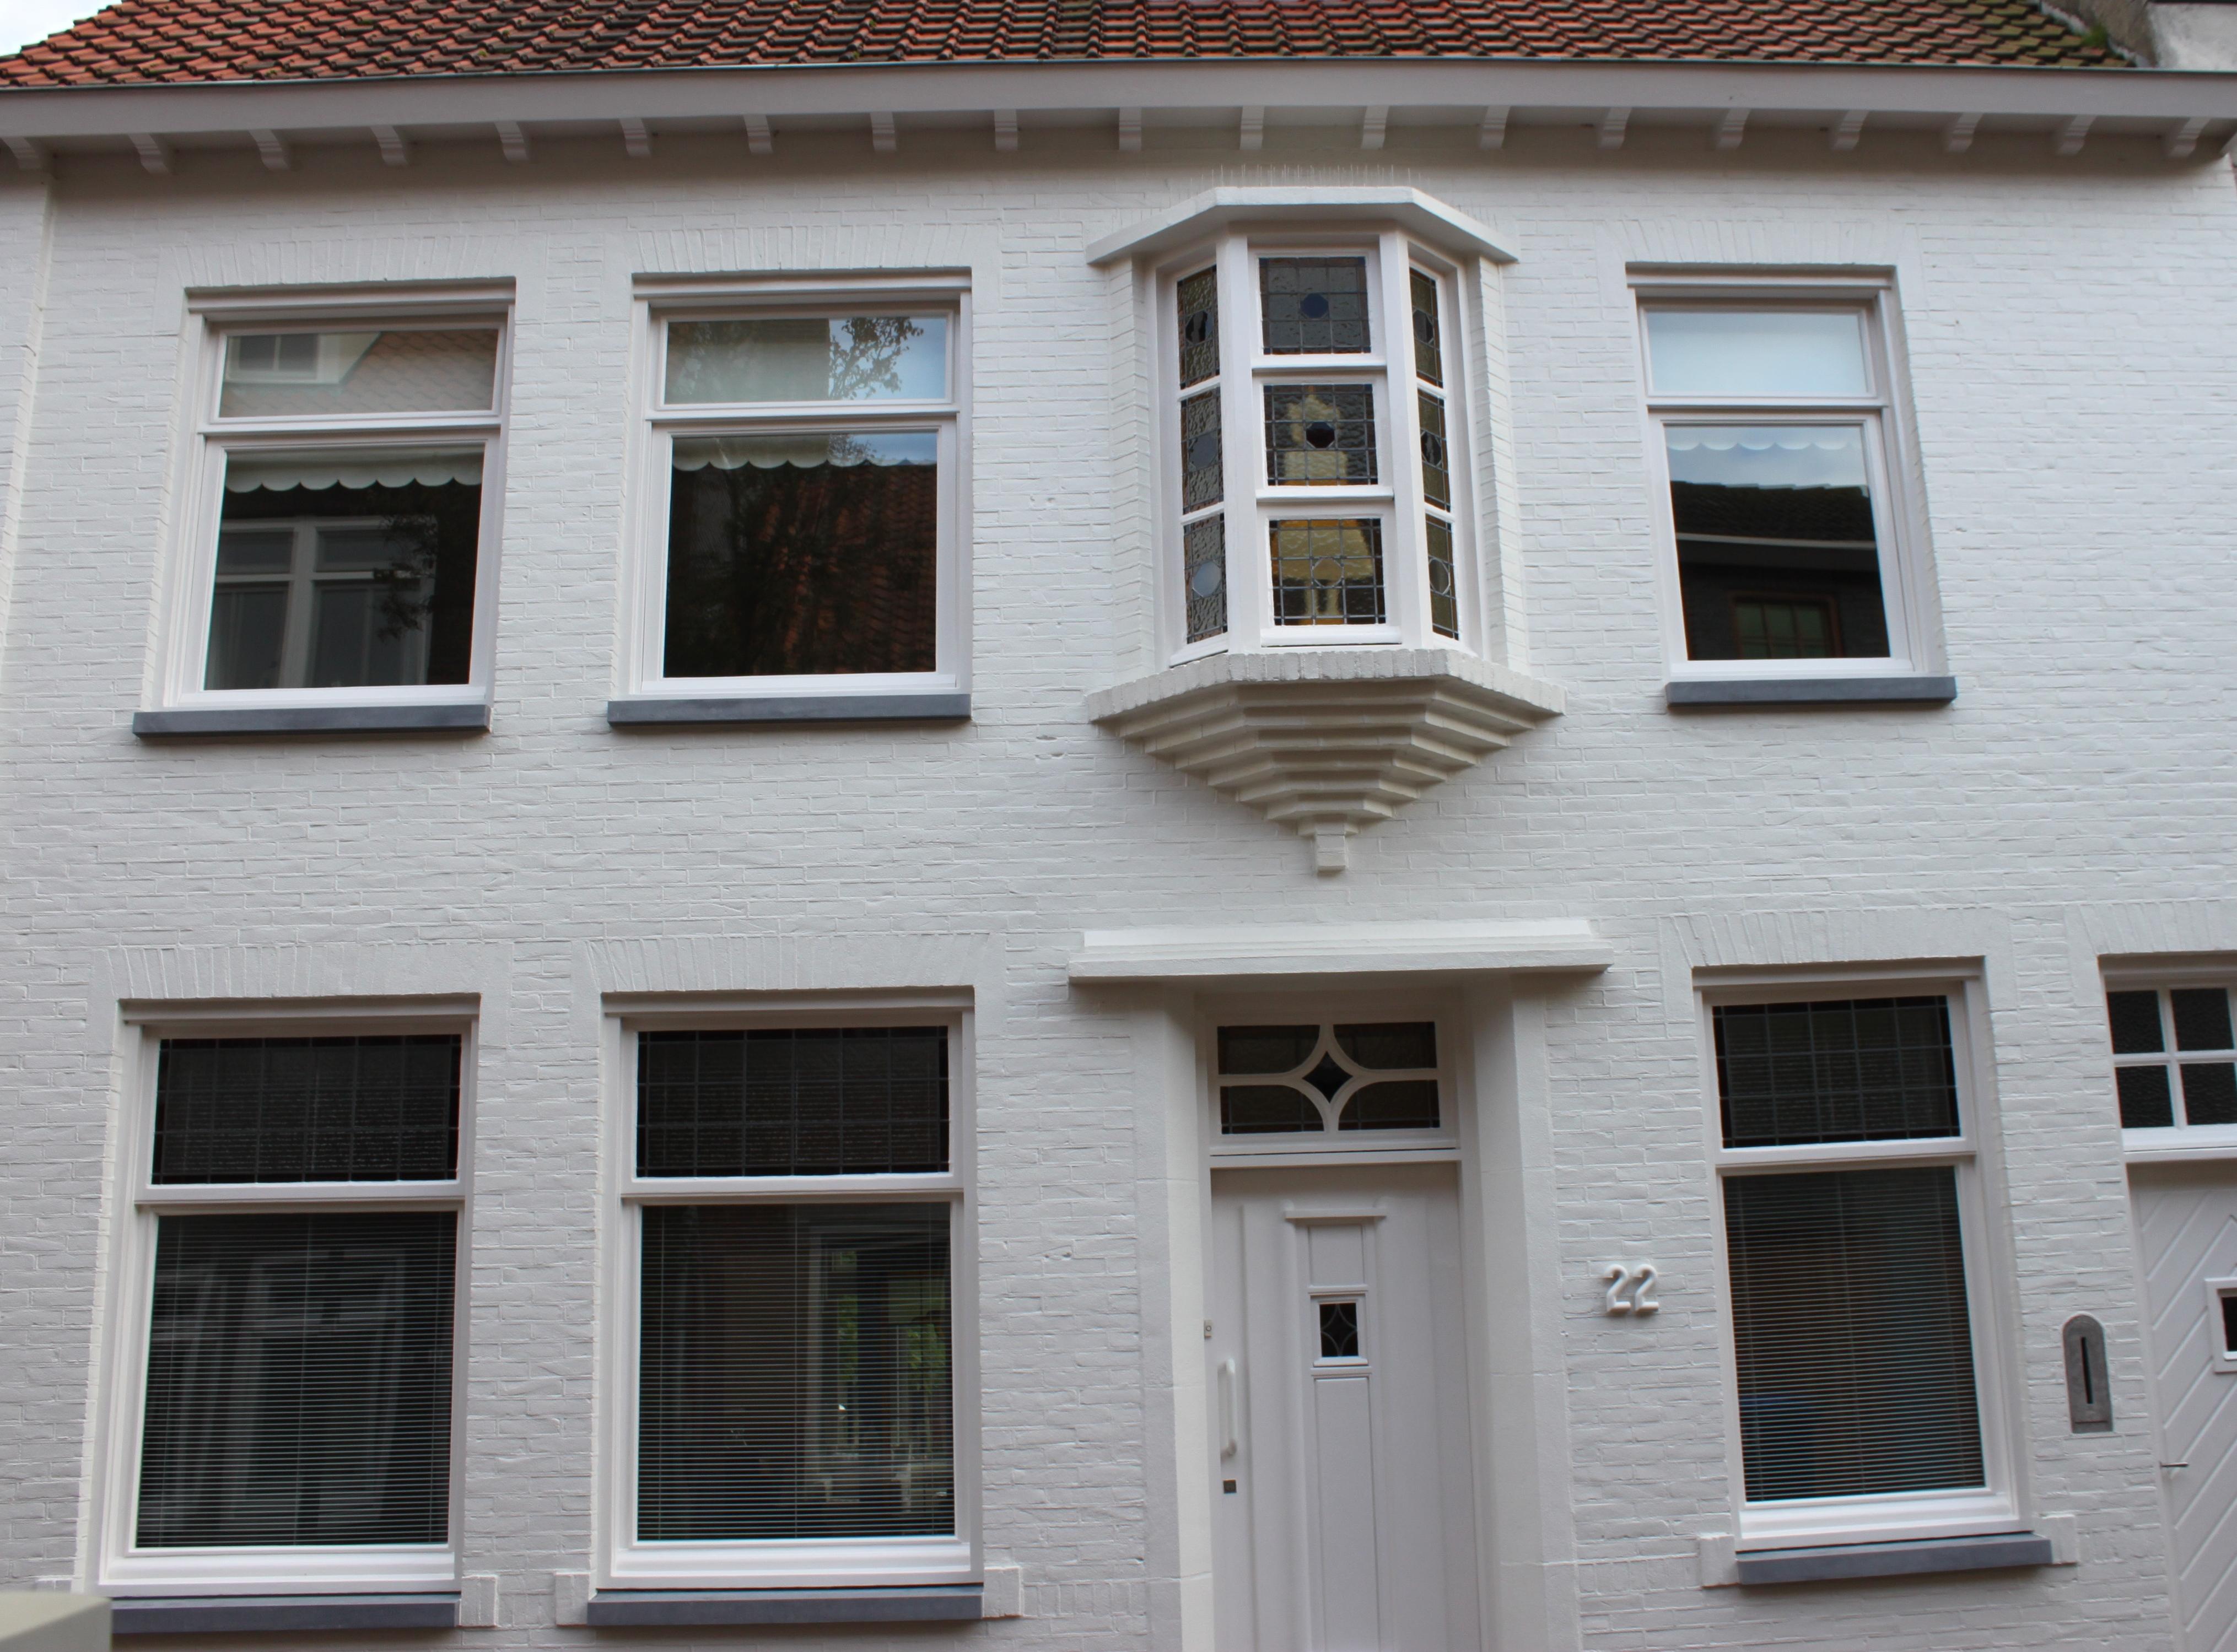 wp_Huis2